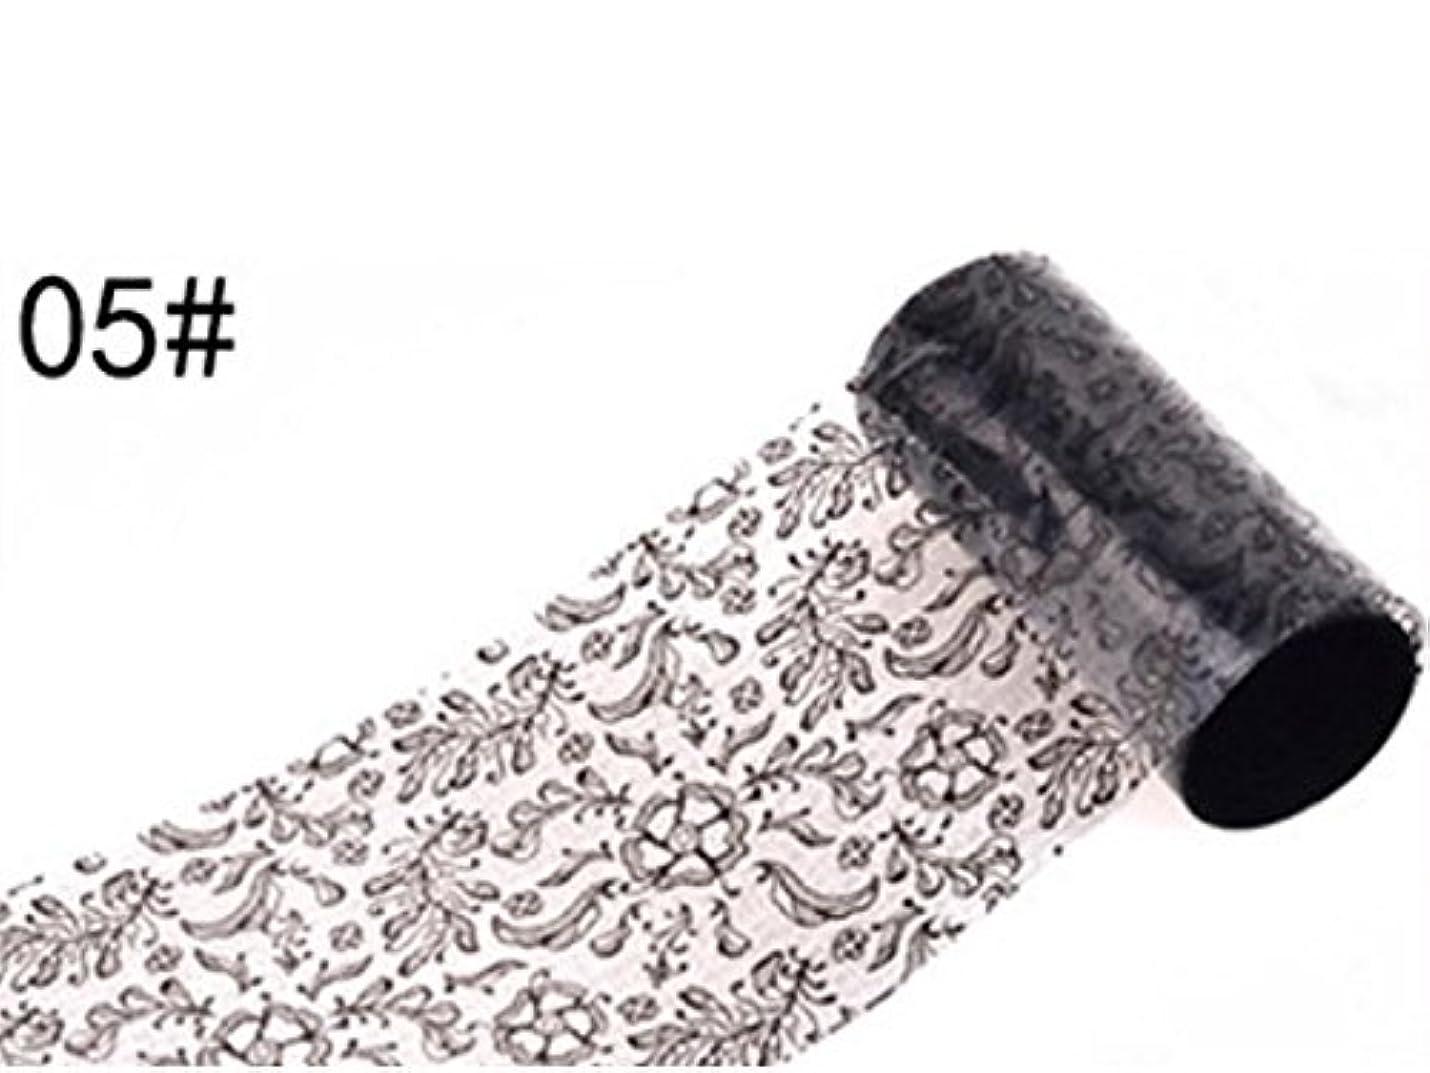 起きろ決して特にOsize ブラックレースのデザインネイルアートステッカーデカールネイルチップのデコレーションブラックレースの花転写箔ネイルアートセクシーなデザインのステッカー(ブラック)